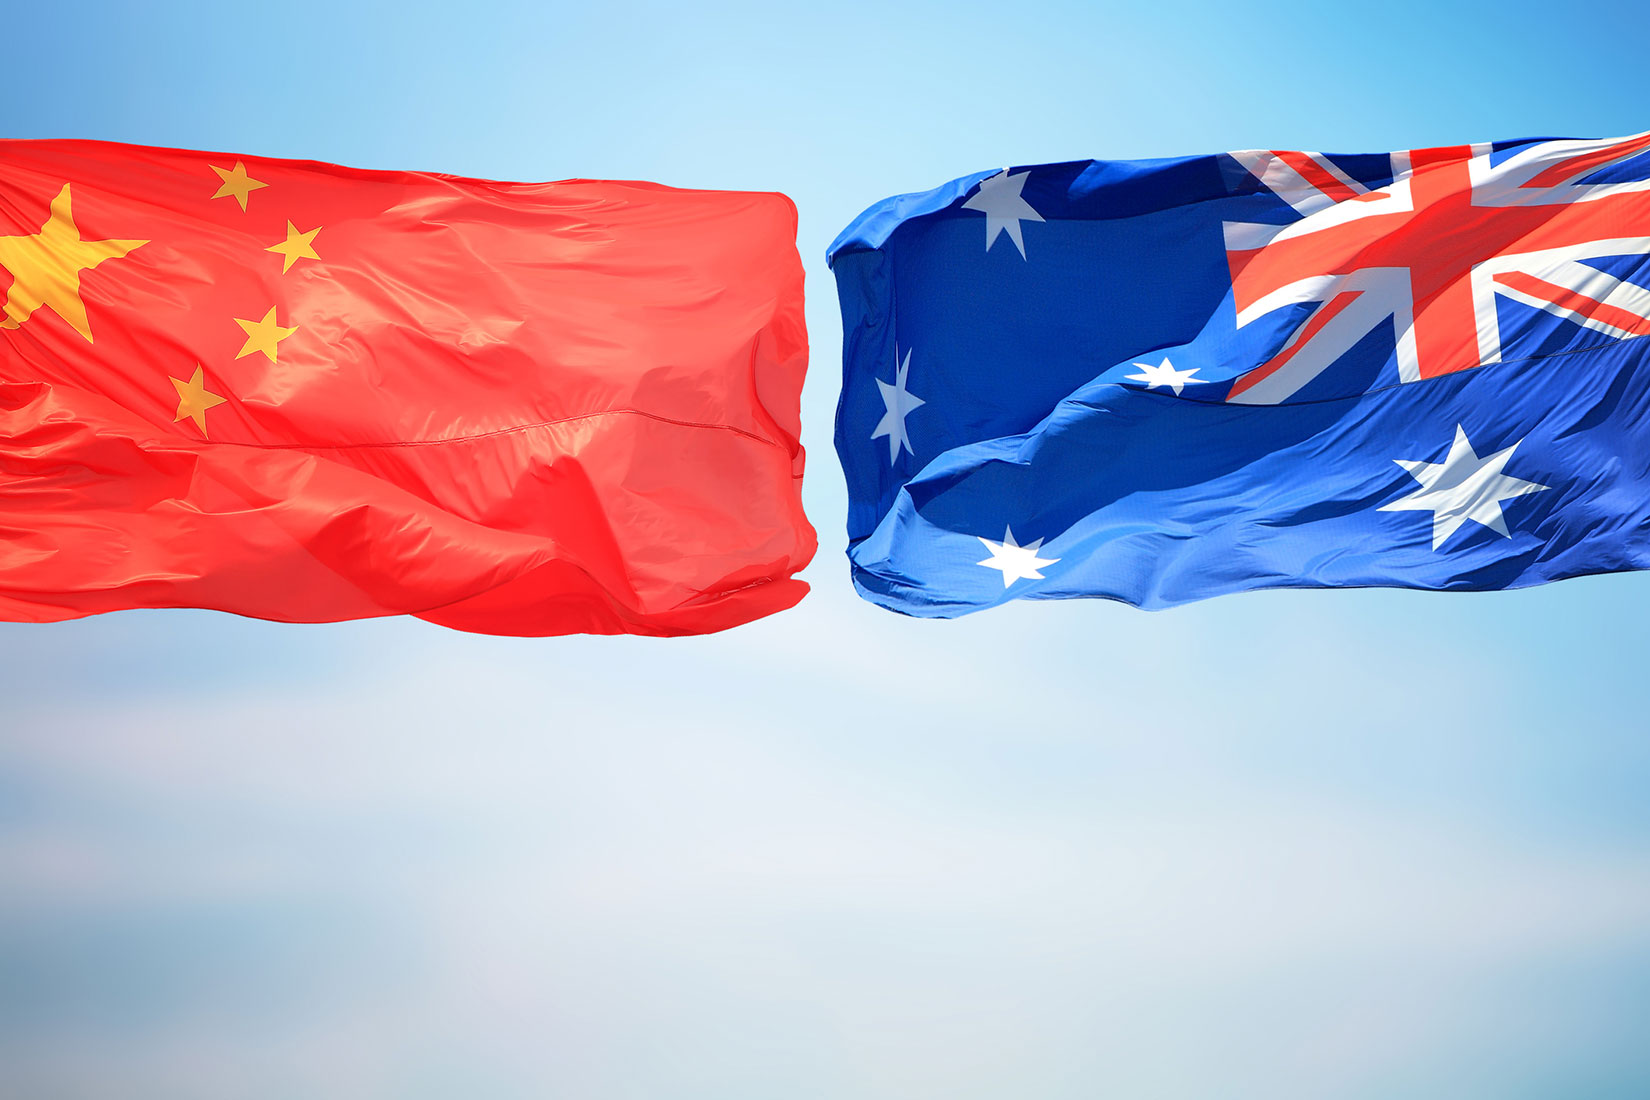 ポスト・コロナの豪中関係-オーストラリアは旗幟(きし)を鮮明にしたのか?